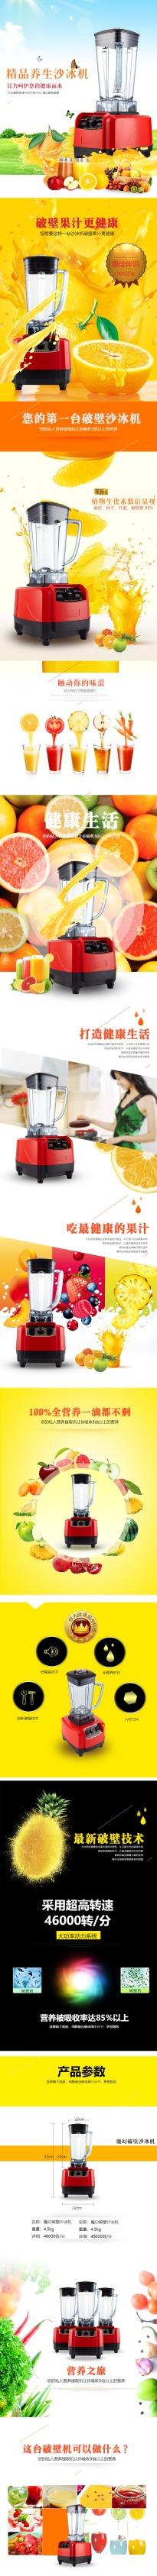 清新简约百货零售家居生活家电沙冰机促销电商详情页